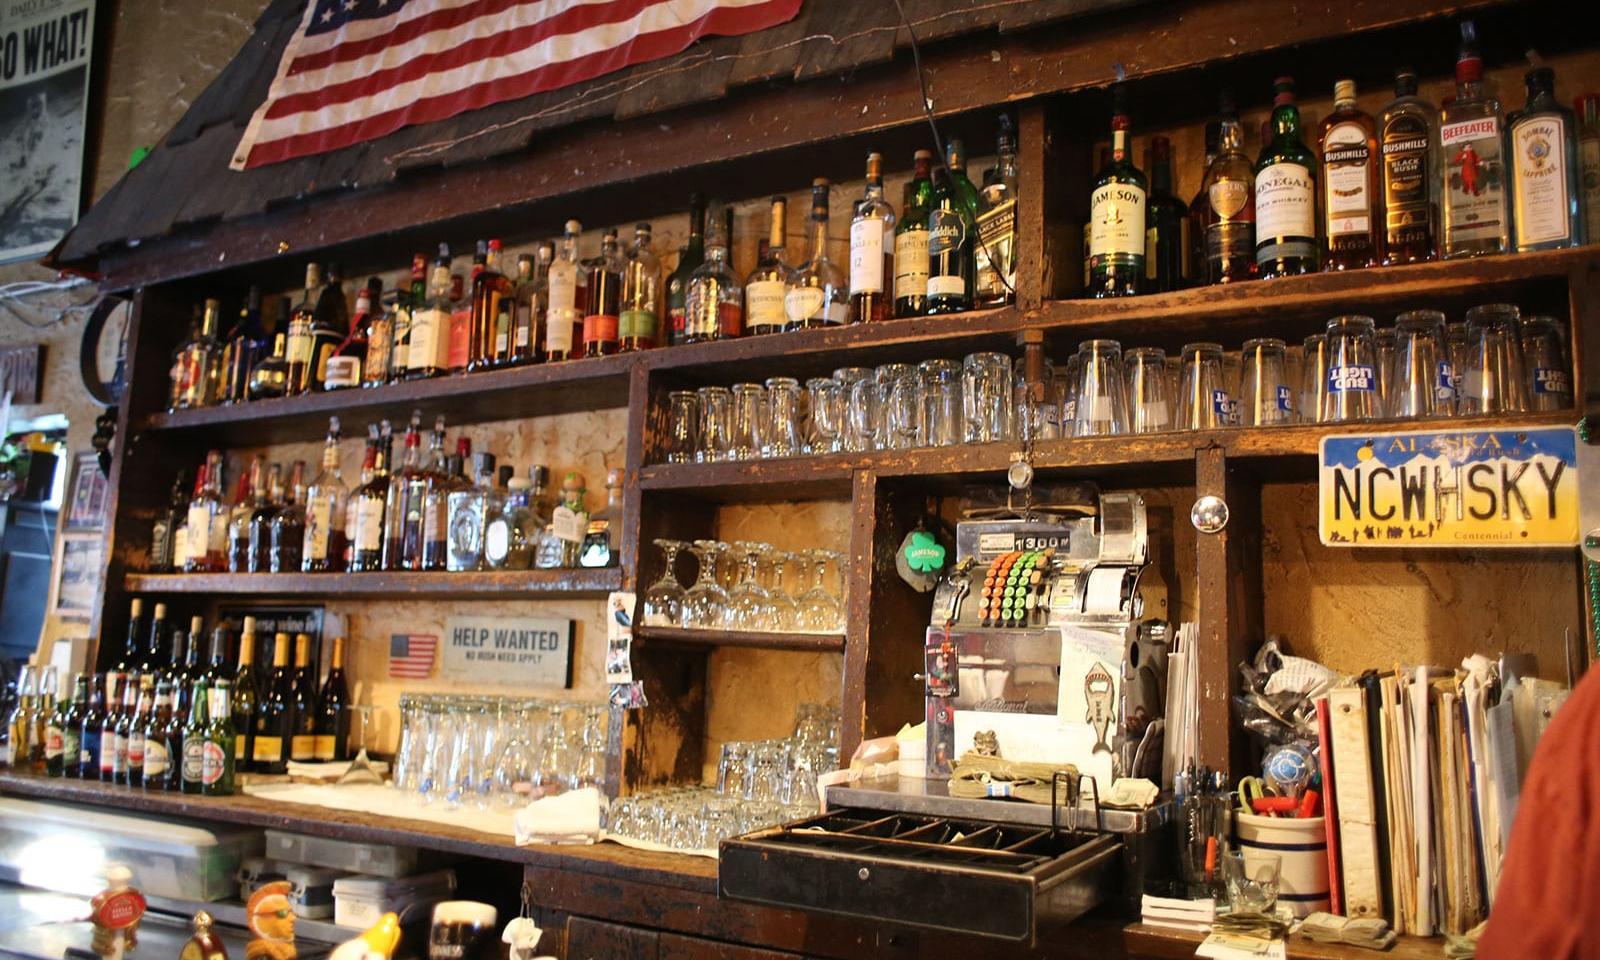 Nancy-Whiskey-Pub-New-York-02